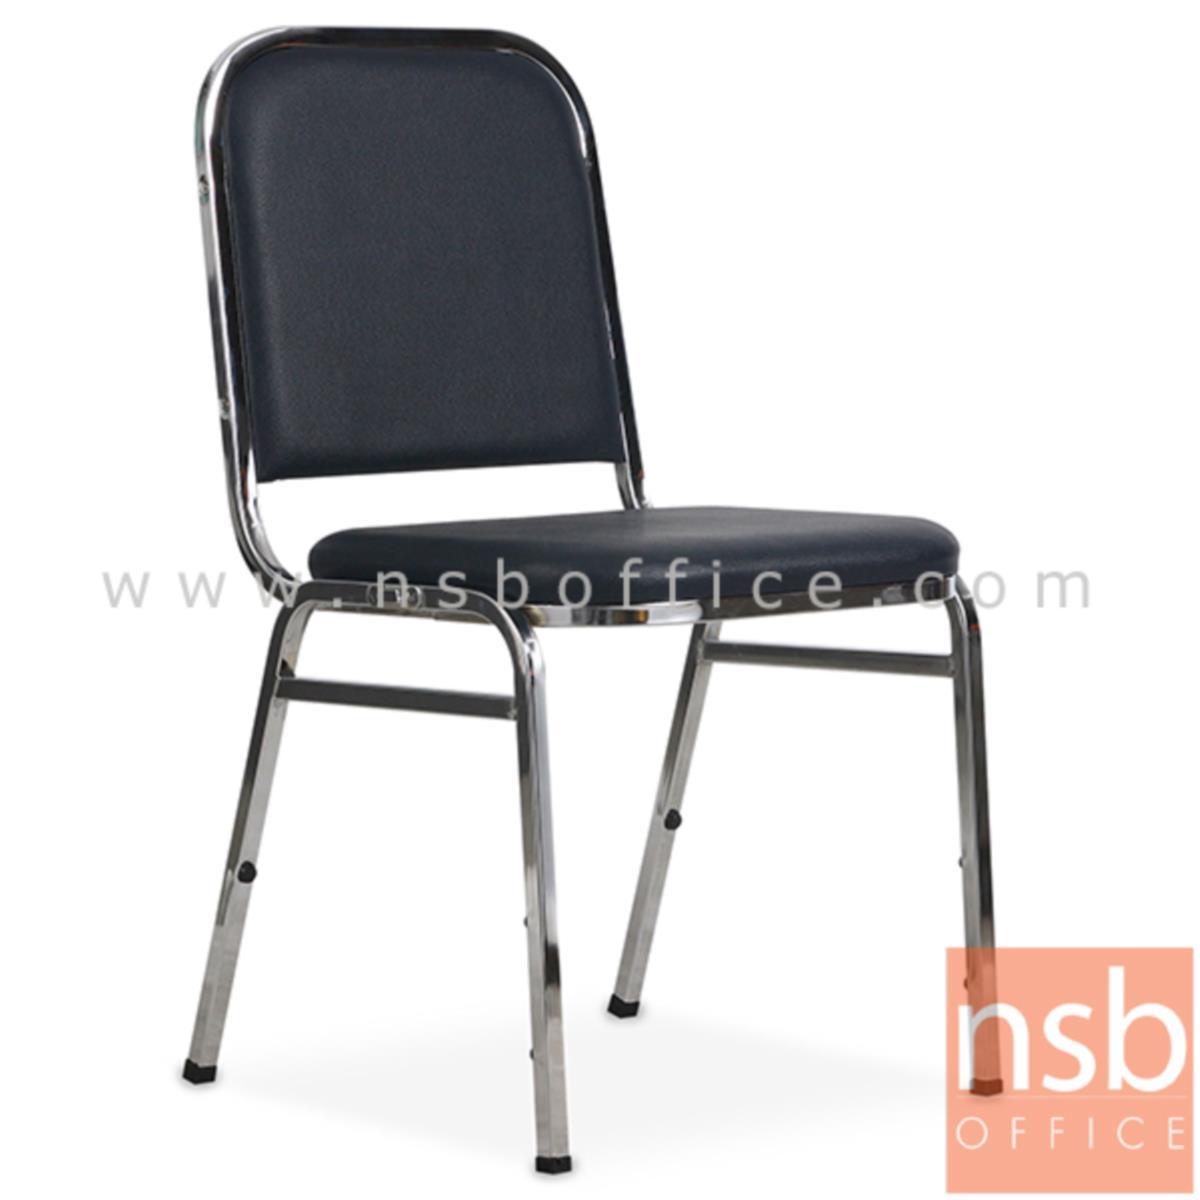 B05A080:เก้าอี้อเนกประสงค์จัดเลี้ยง รุ่น TY-801ACC  ขาเหล็กชุบโครเมี่ยม